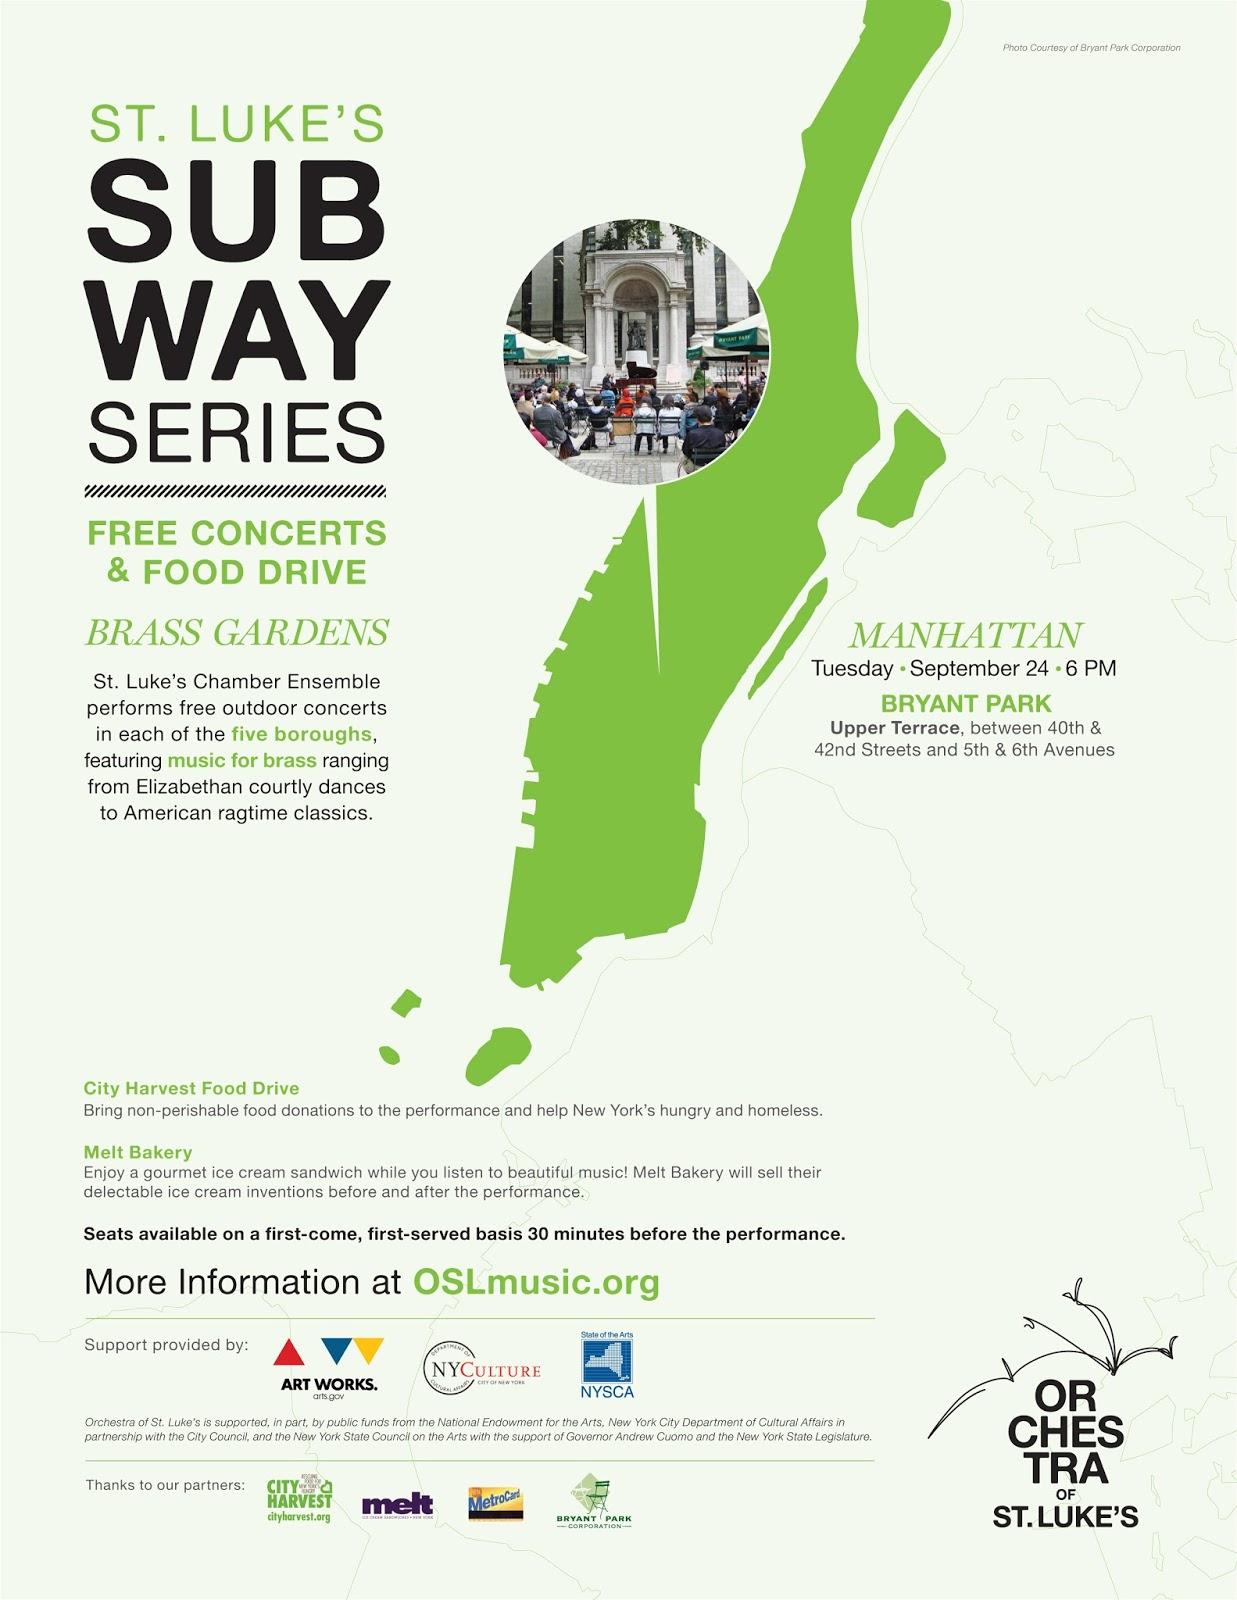 Bryant Park Subway Map.Bryant Park Blog St Luke S Subway Series Makes Bryant Park Their